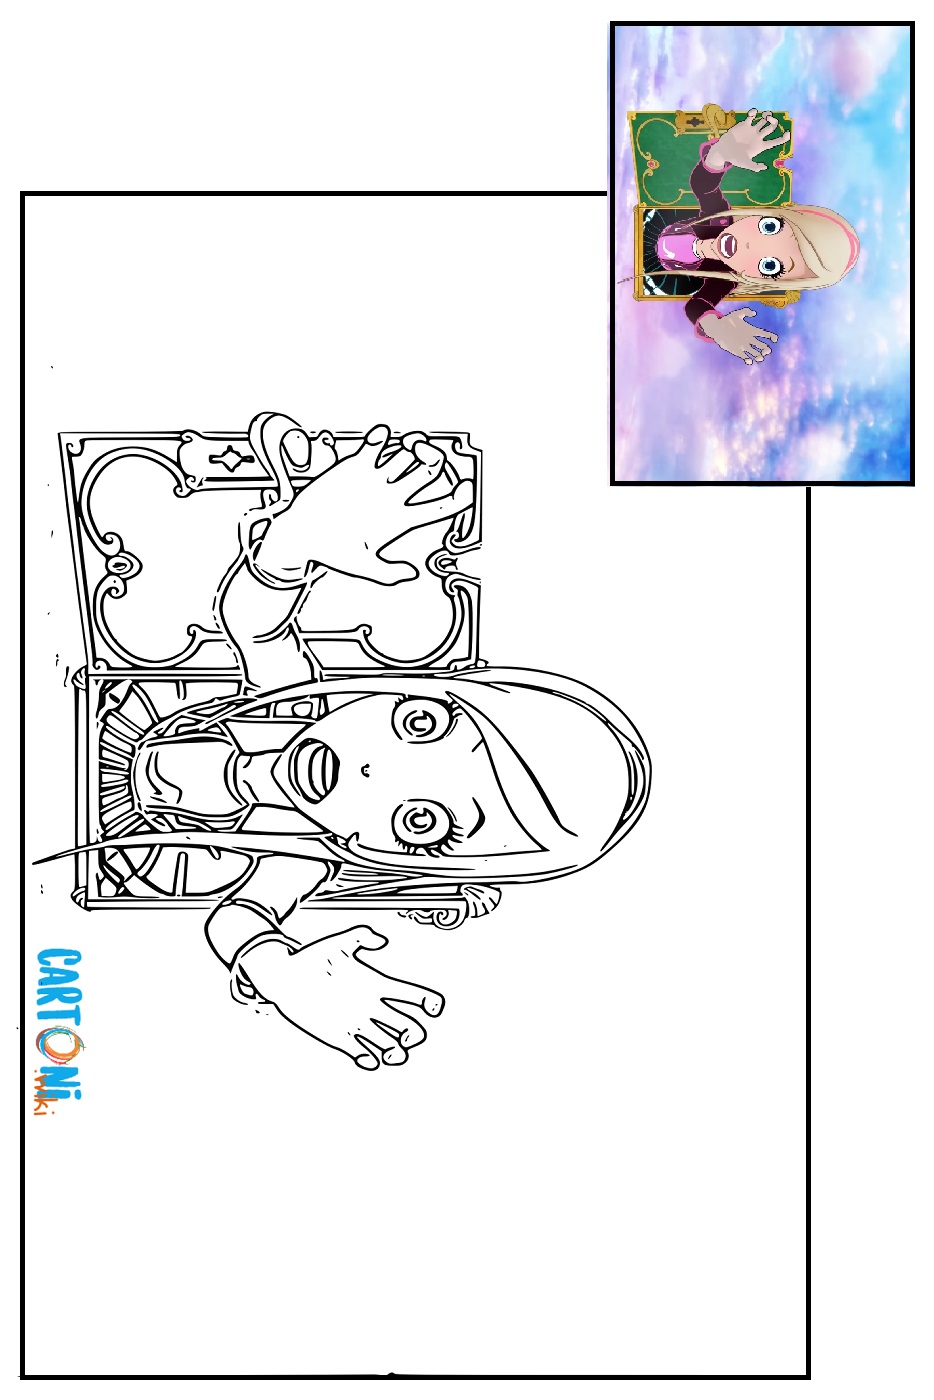 Colora regal academy cartoni animati for Disegni regal academy da colorare